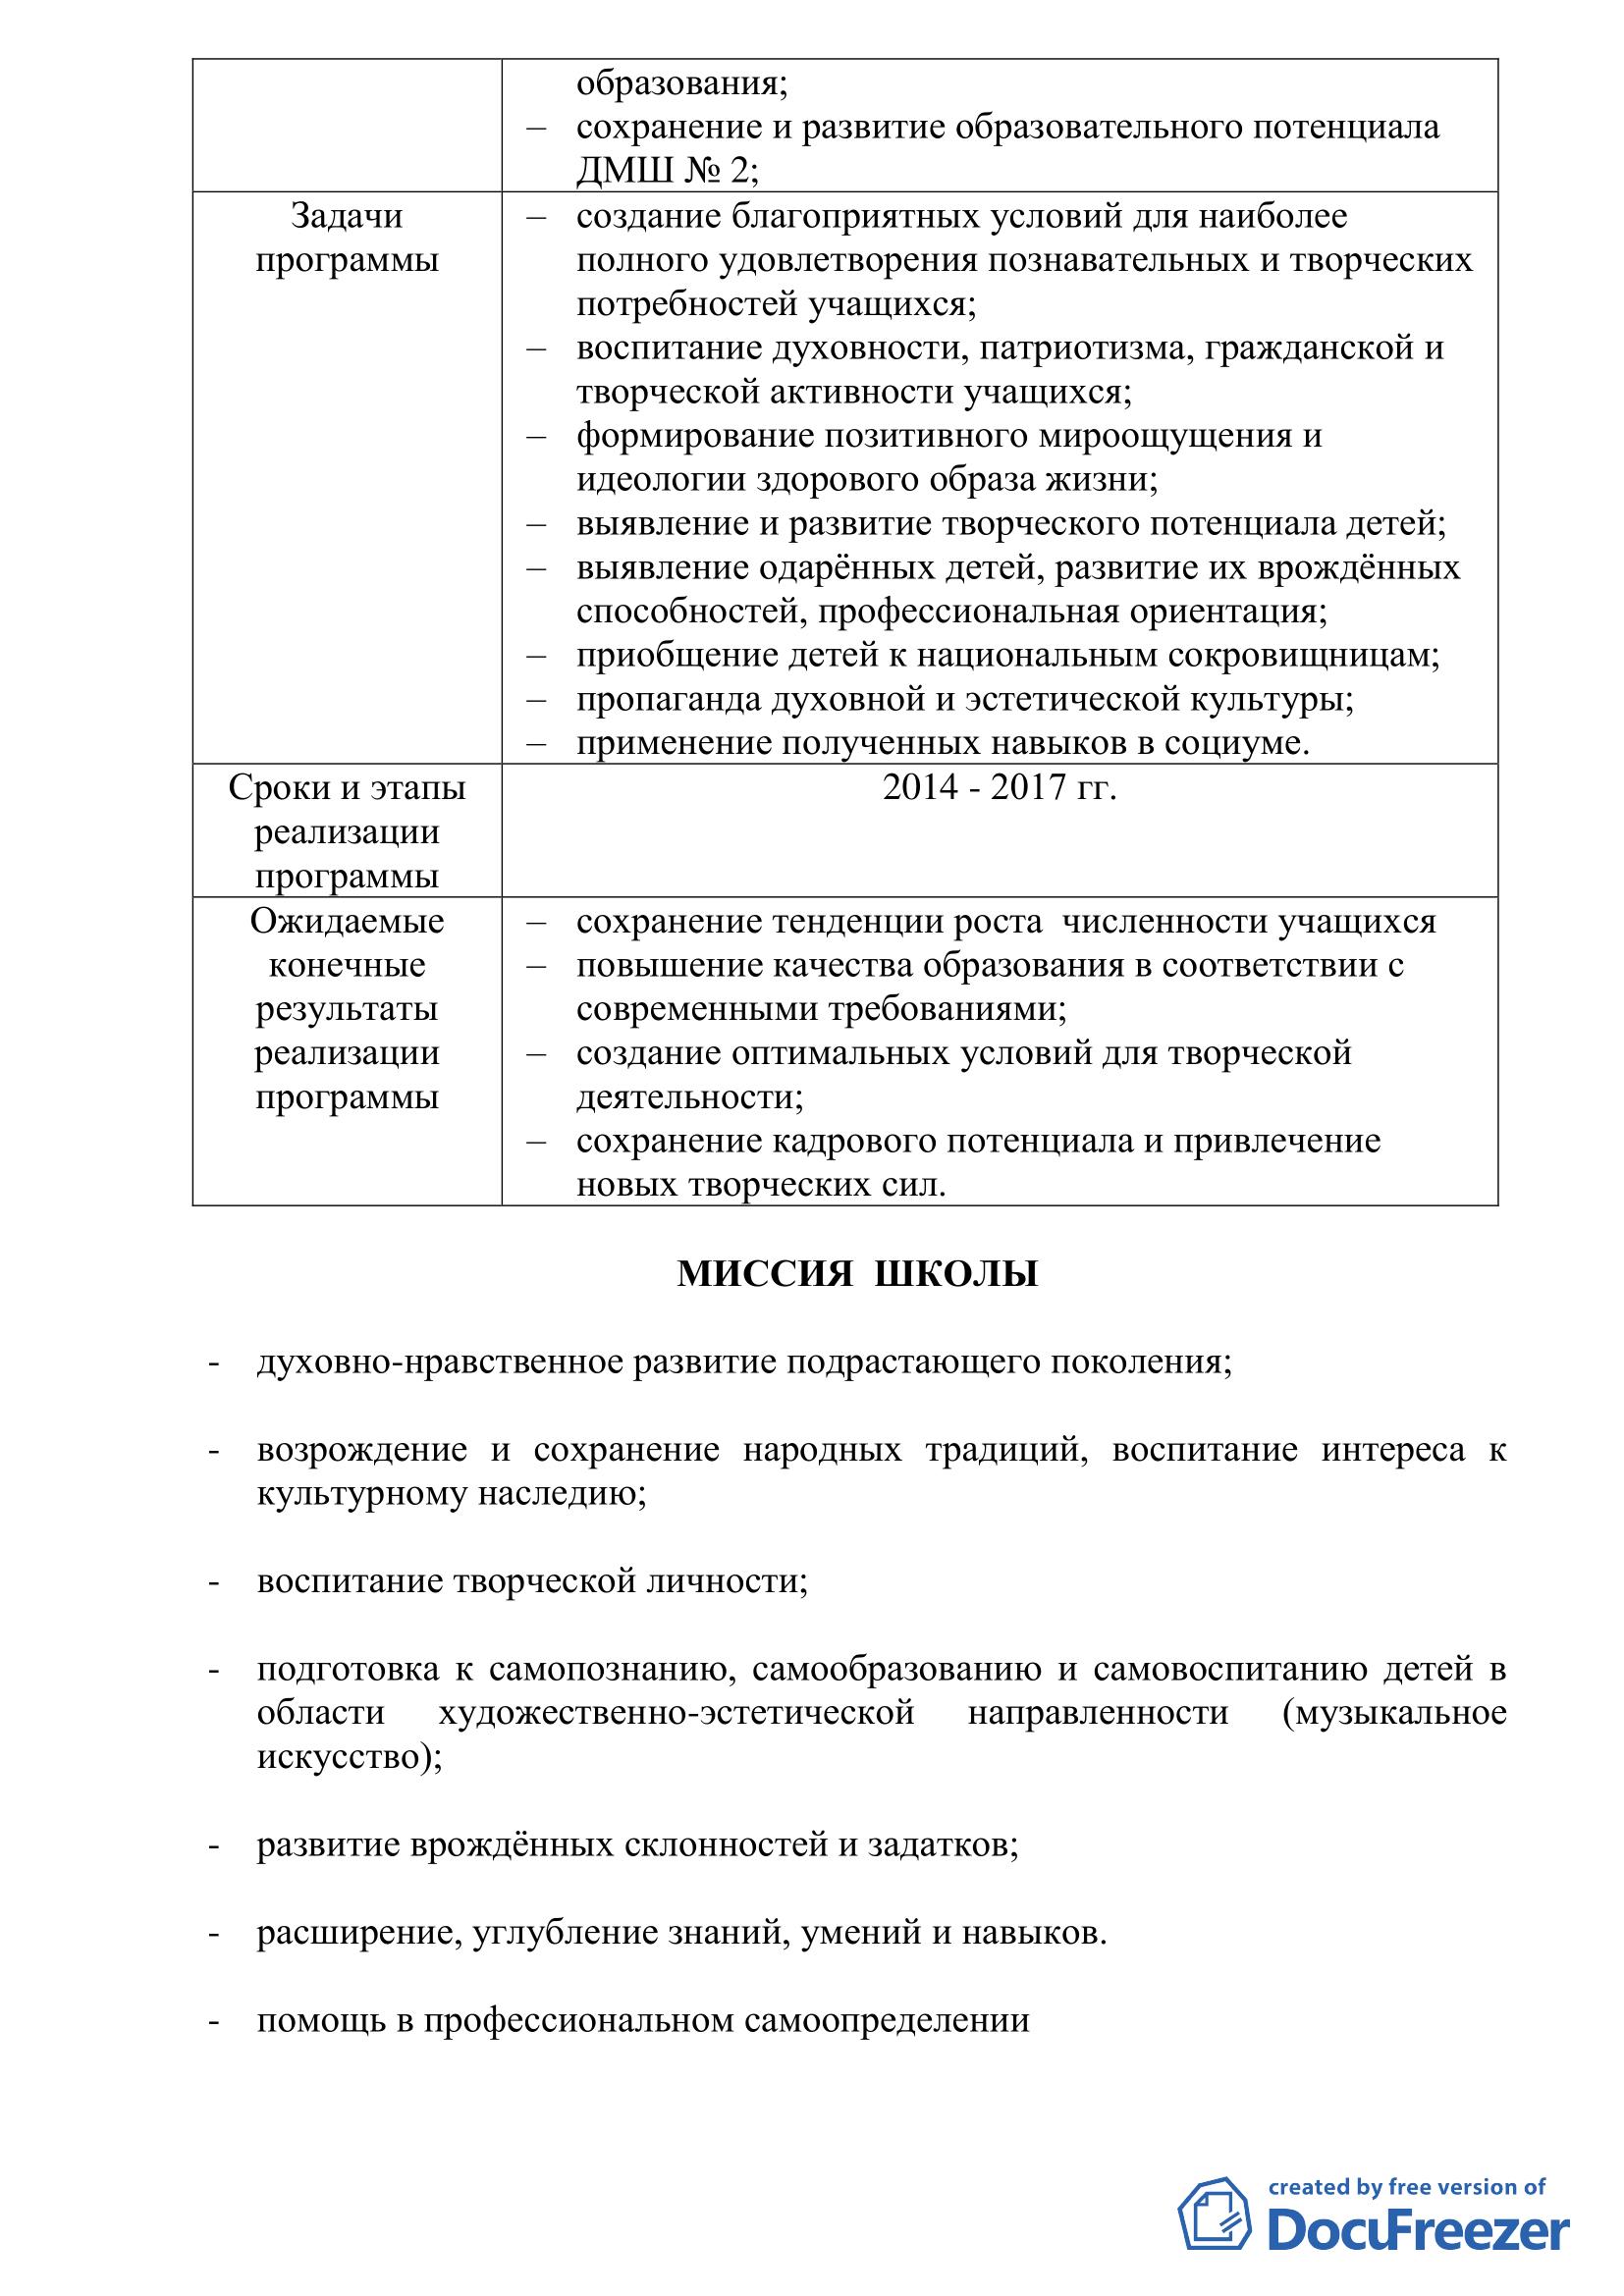 Программа развития ДМШ №2 на 2014- 2017 годы_3